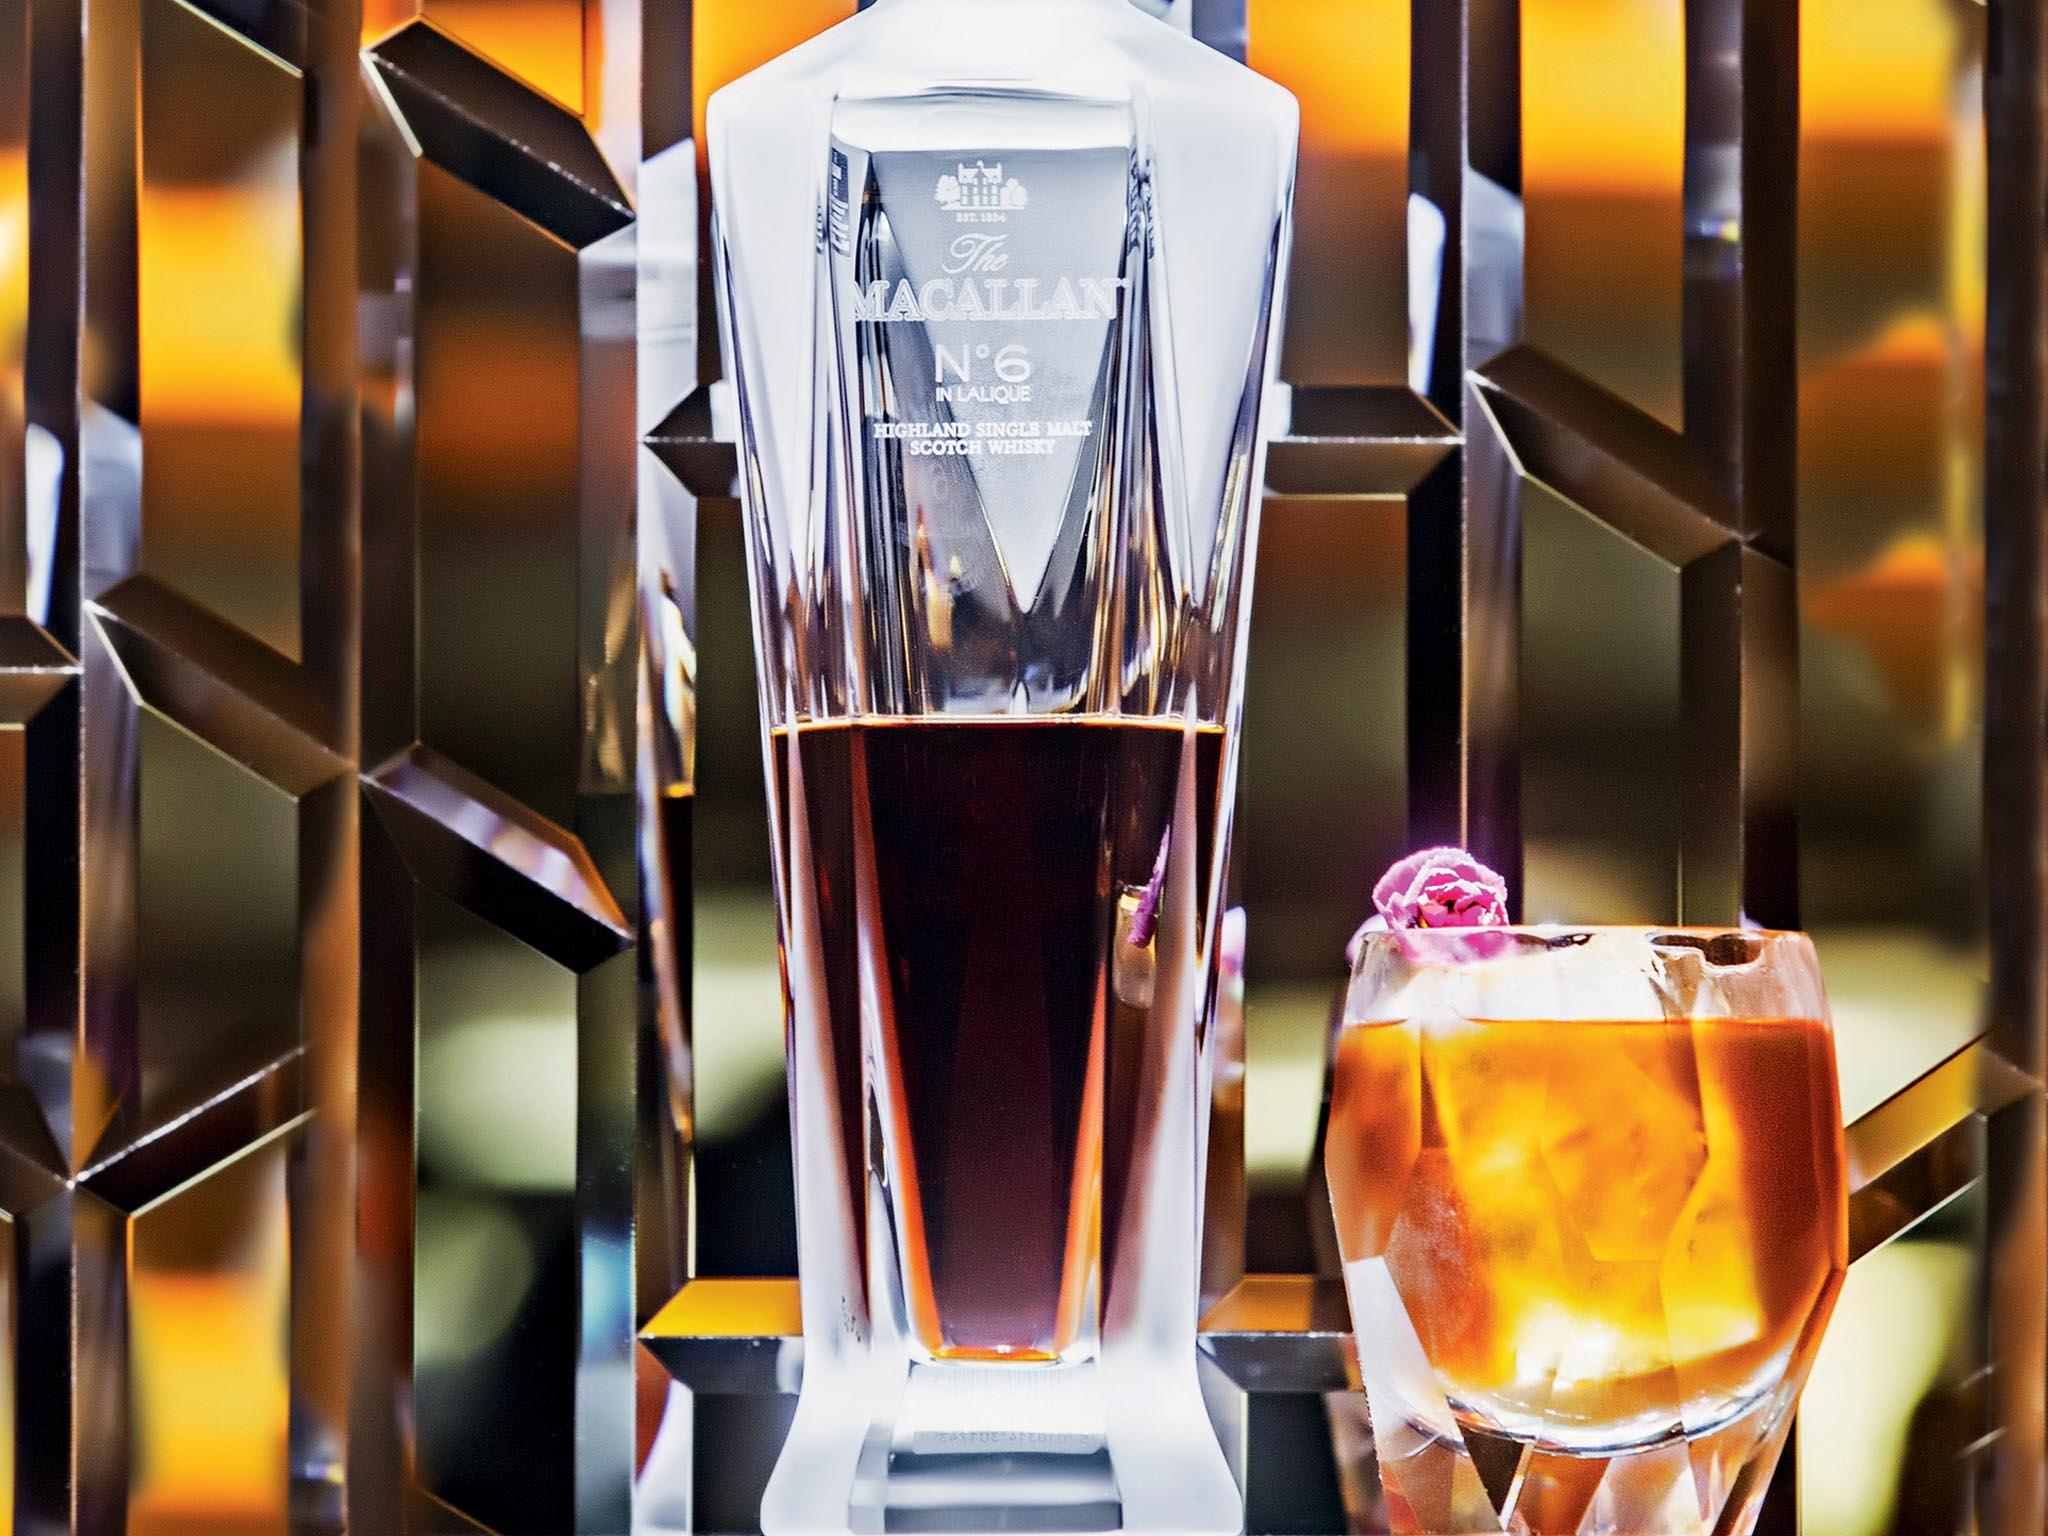 Přijdete doBe Bop Baru, objednáte si drink Le Memorable azaplatíte 10 tisíc korun. Ale stojí to zato. Vceně se totiž odráží hodnota nejvzácnější skotské whisky zpalírny Macallan.